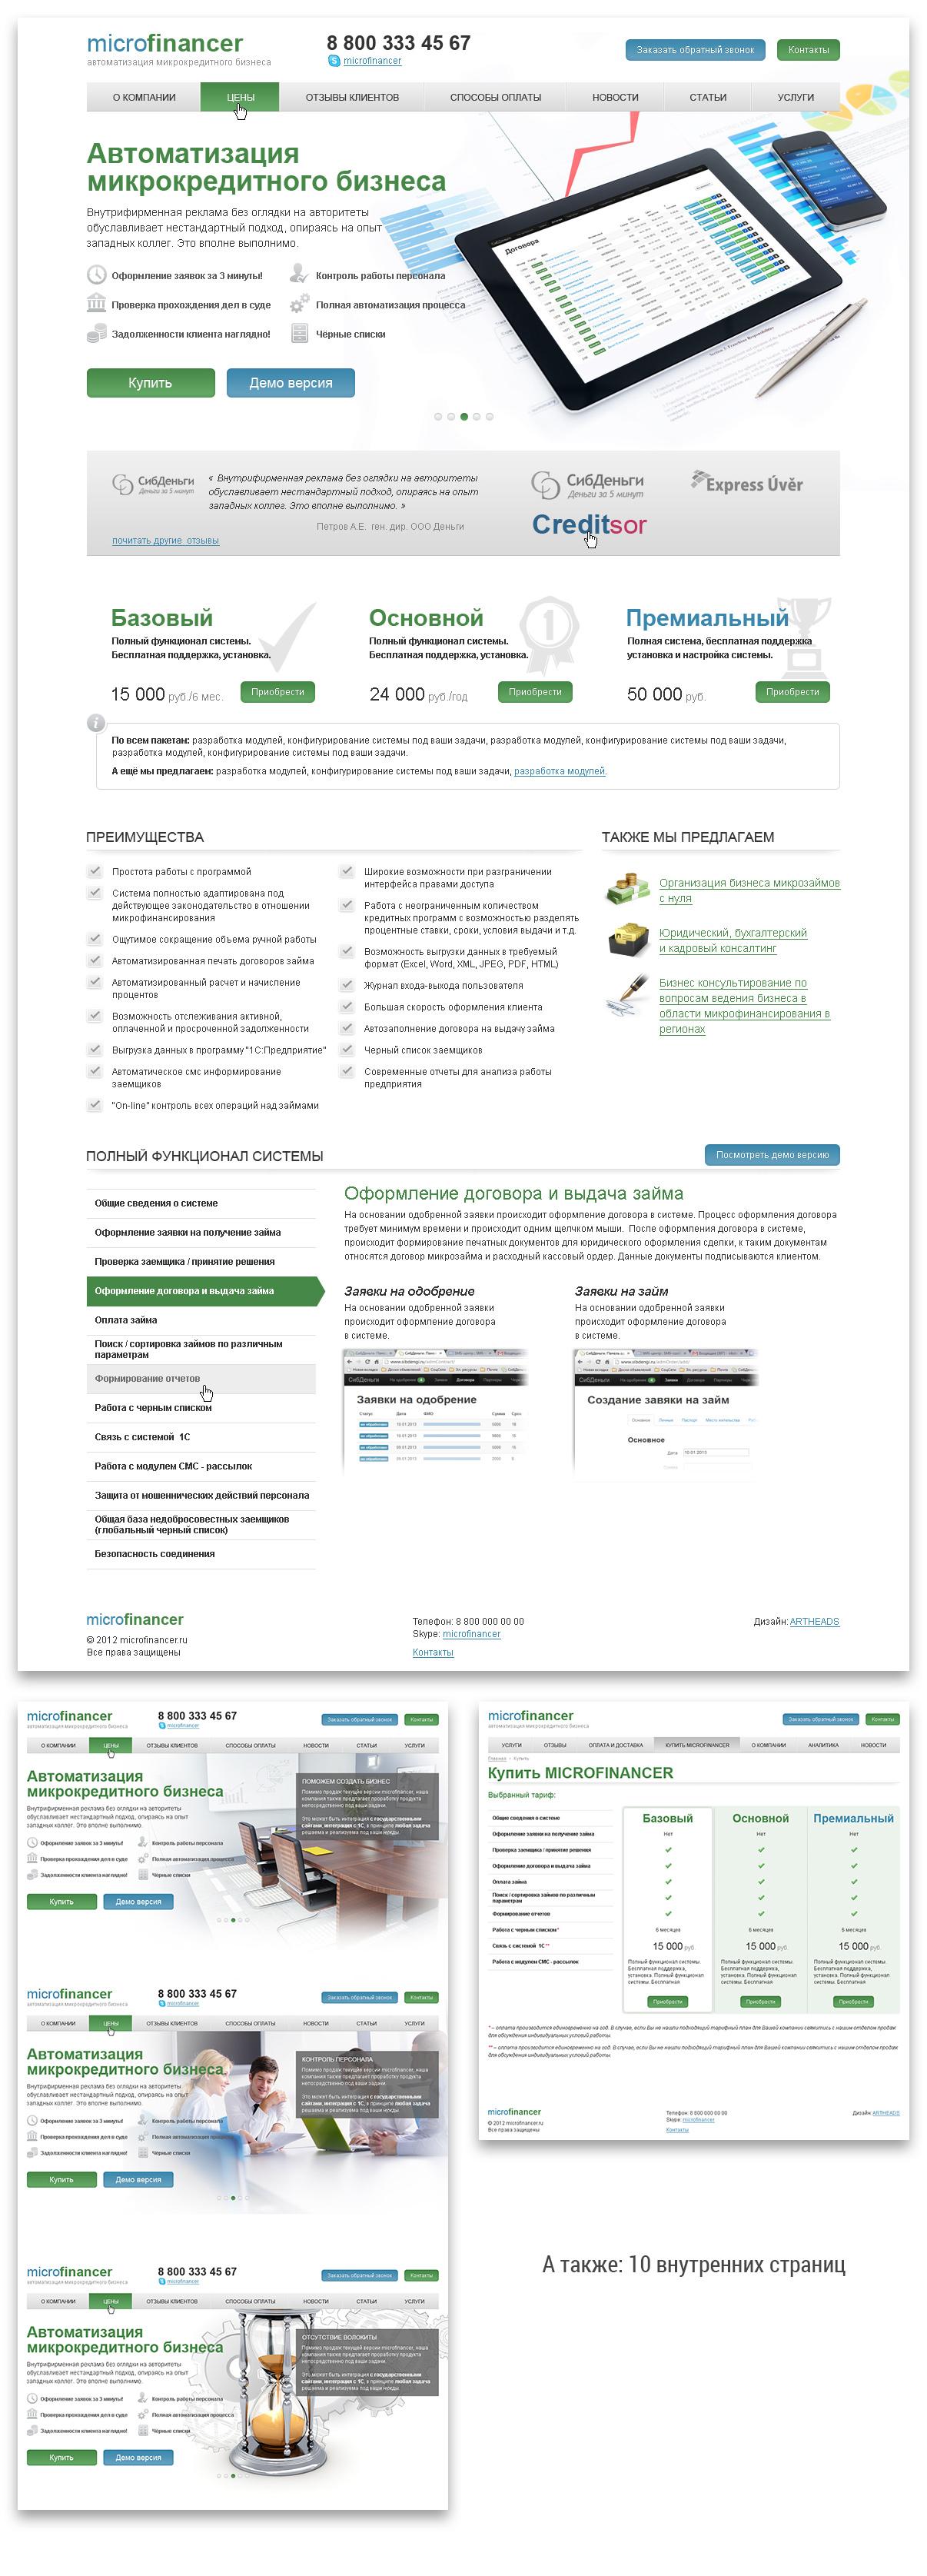 MicroFinancer - Програмный комплекс для микрокредитов